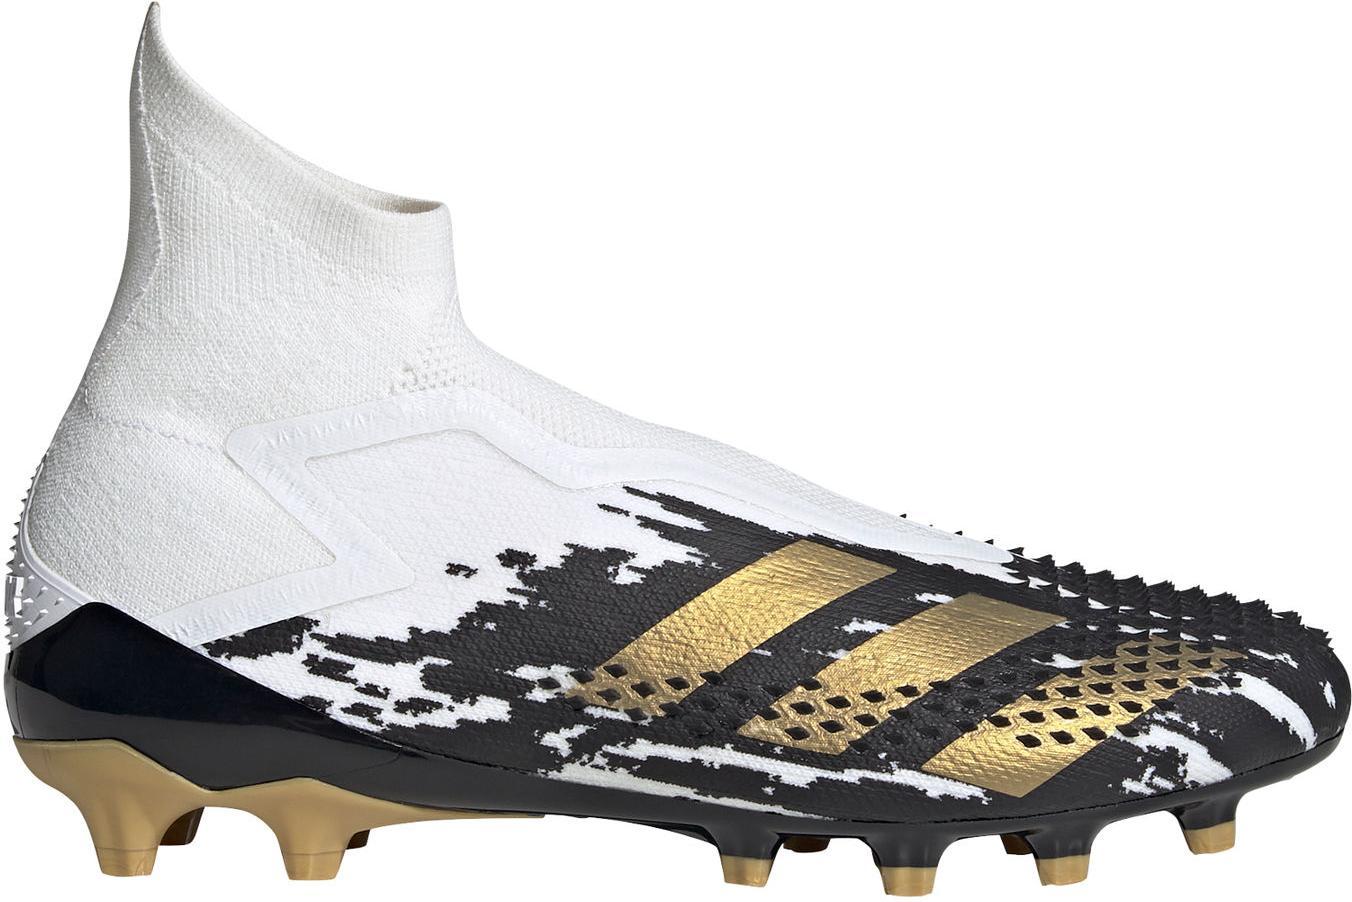 Kopačky adidas PREDATOR MUTATOR 20+ AG bílá